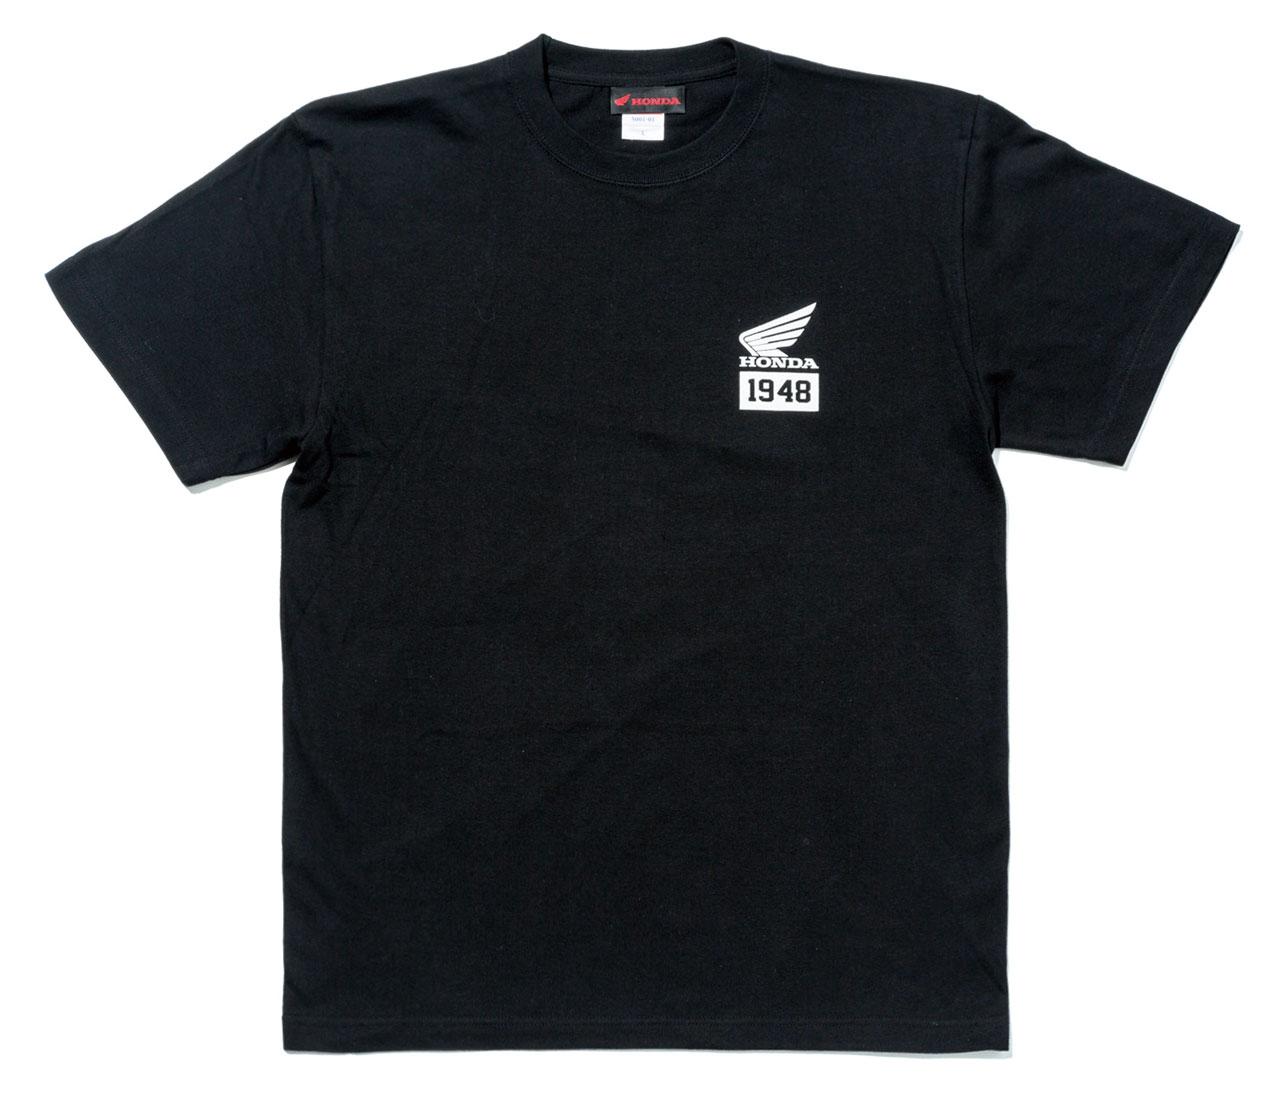 【HONDA RIDING GEAR】【HONDA×YOSHIDA ROBERTO】短袖 T恤「1948」 - 「Webike-摩托百貨」